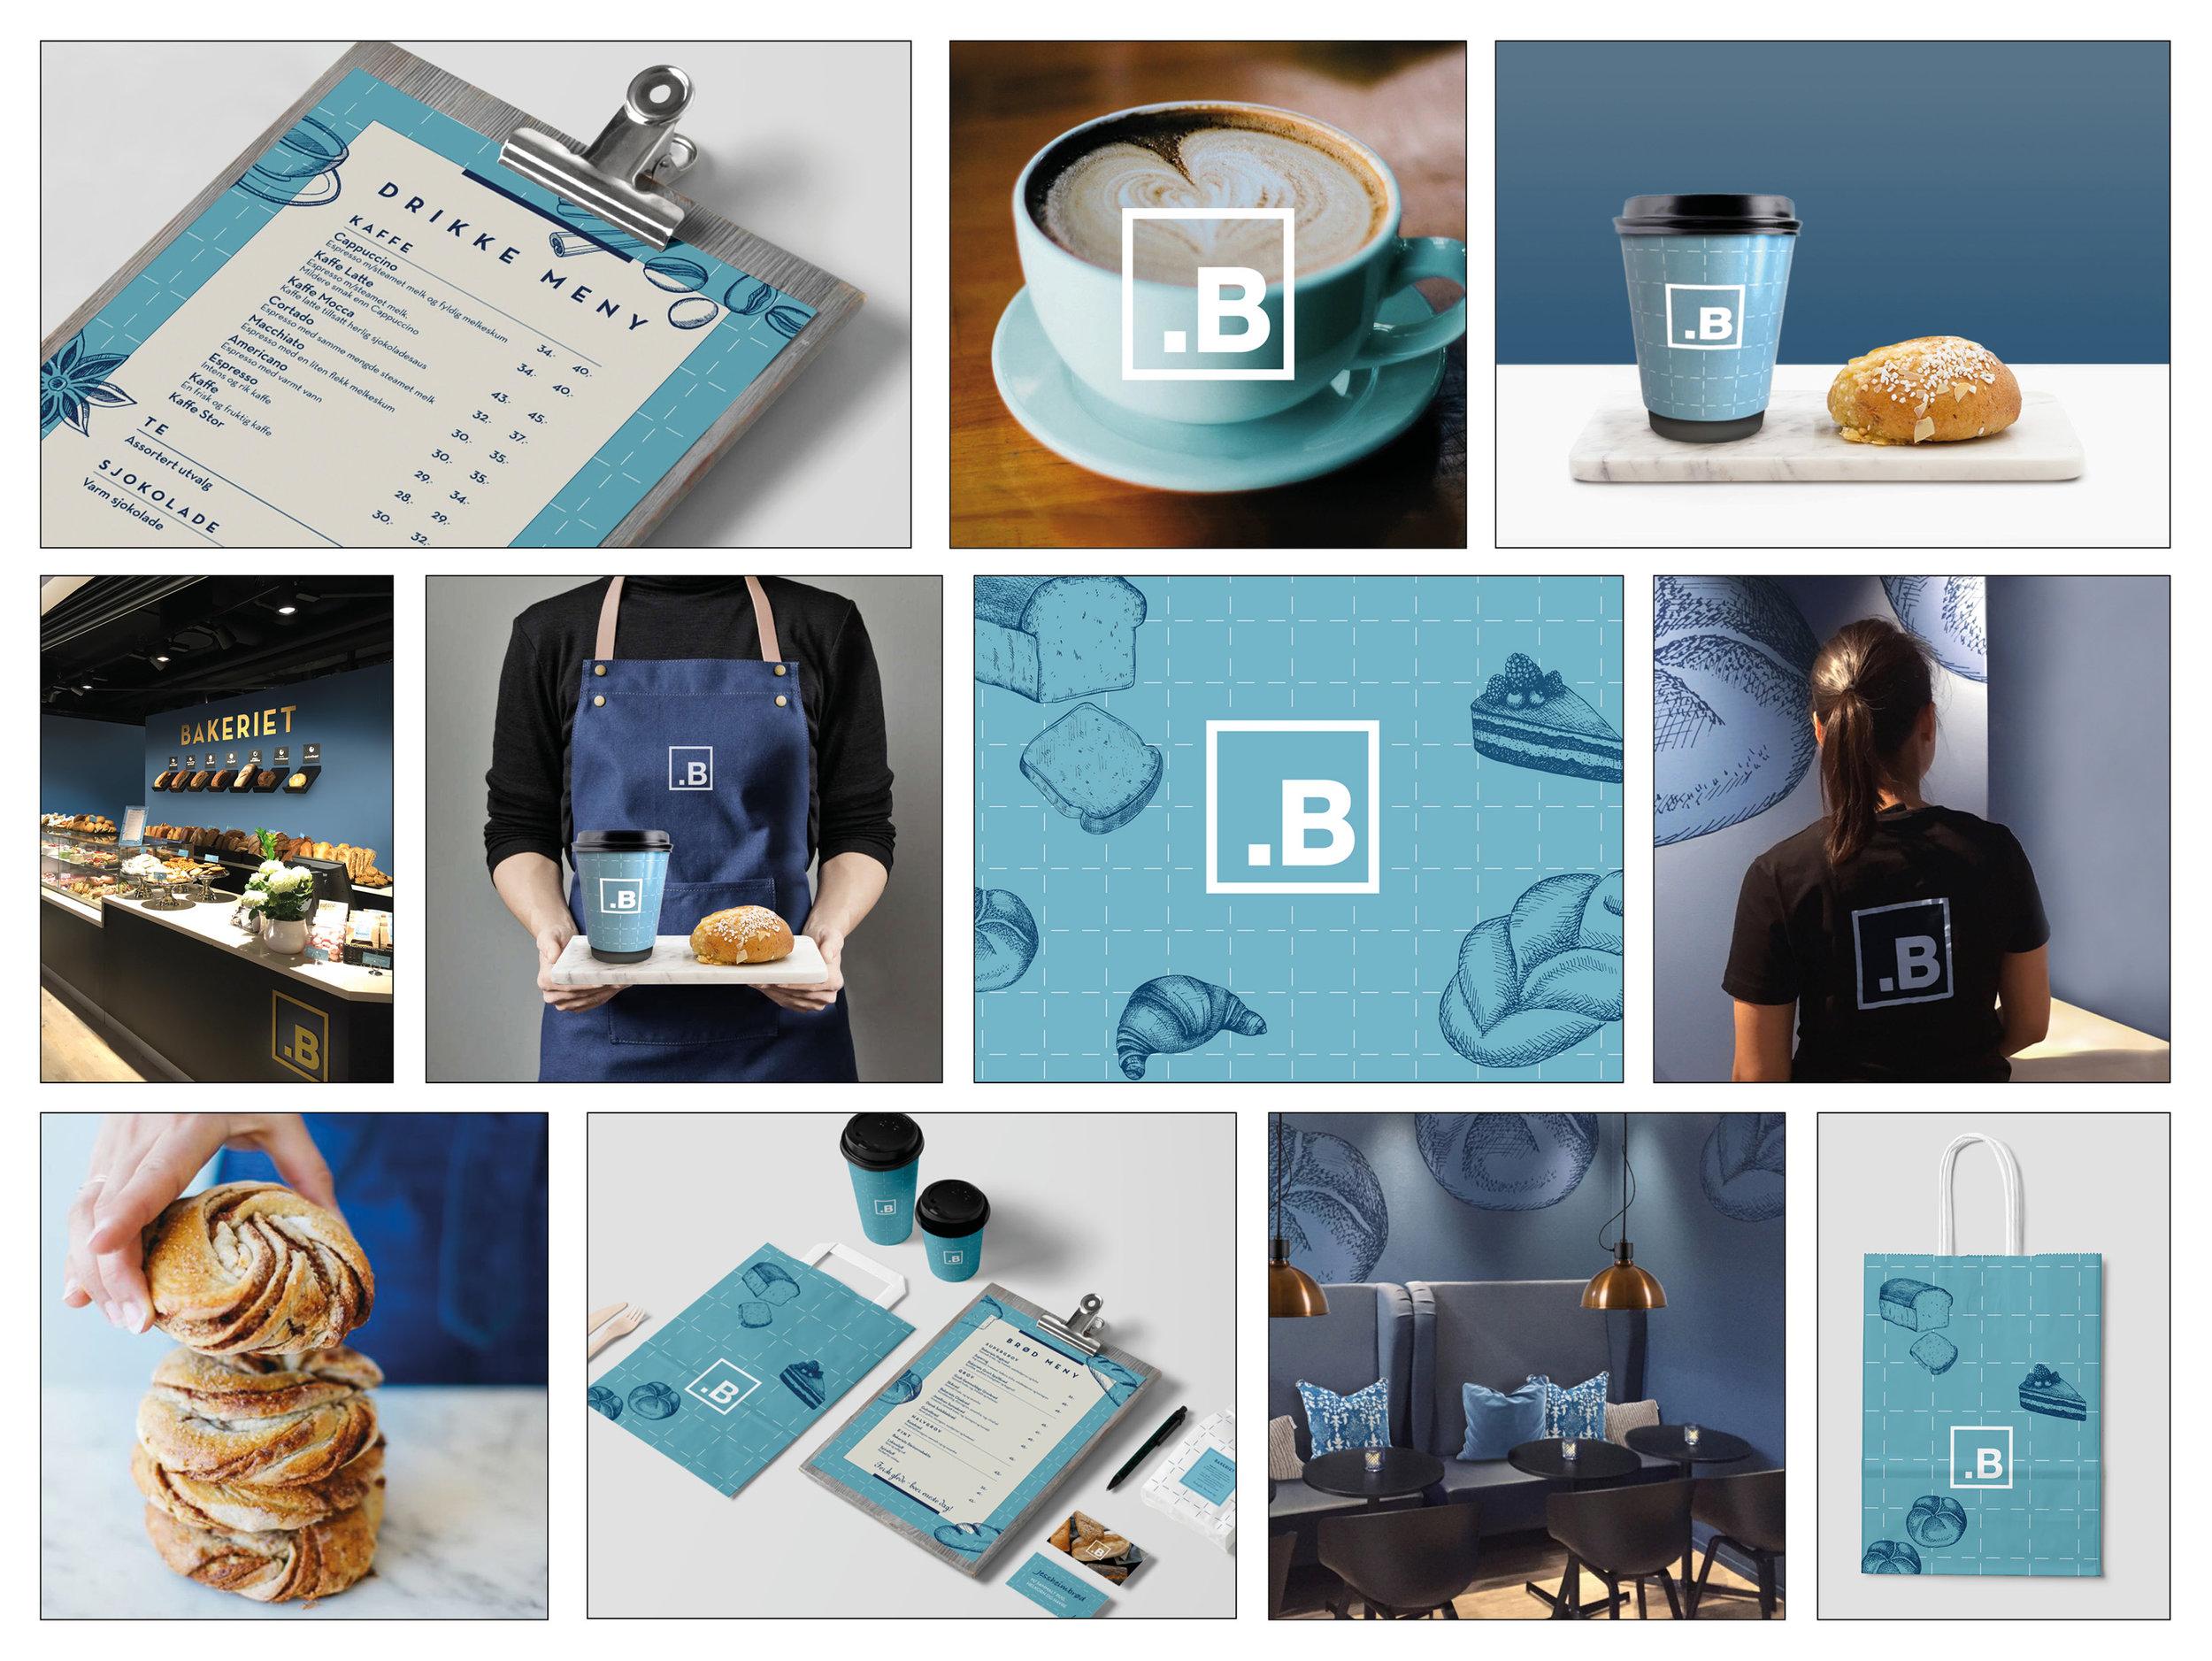 Bakeriet_collage.jpg